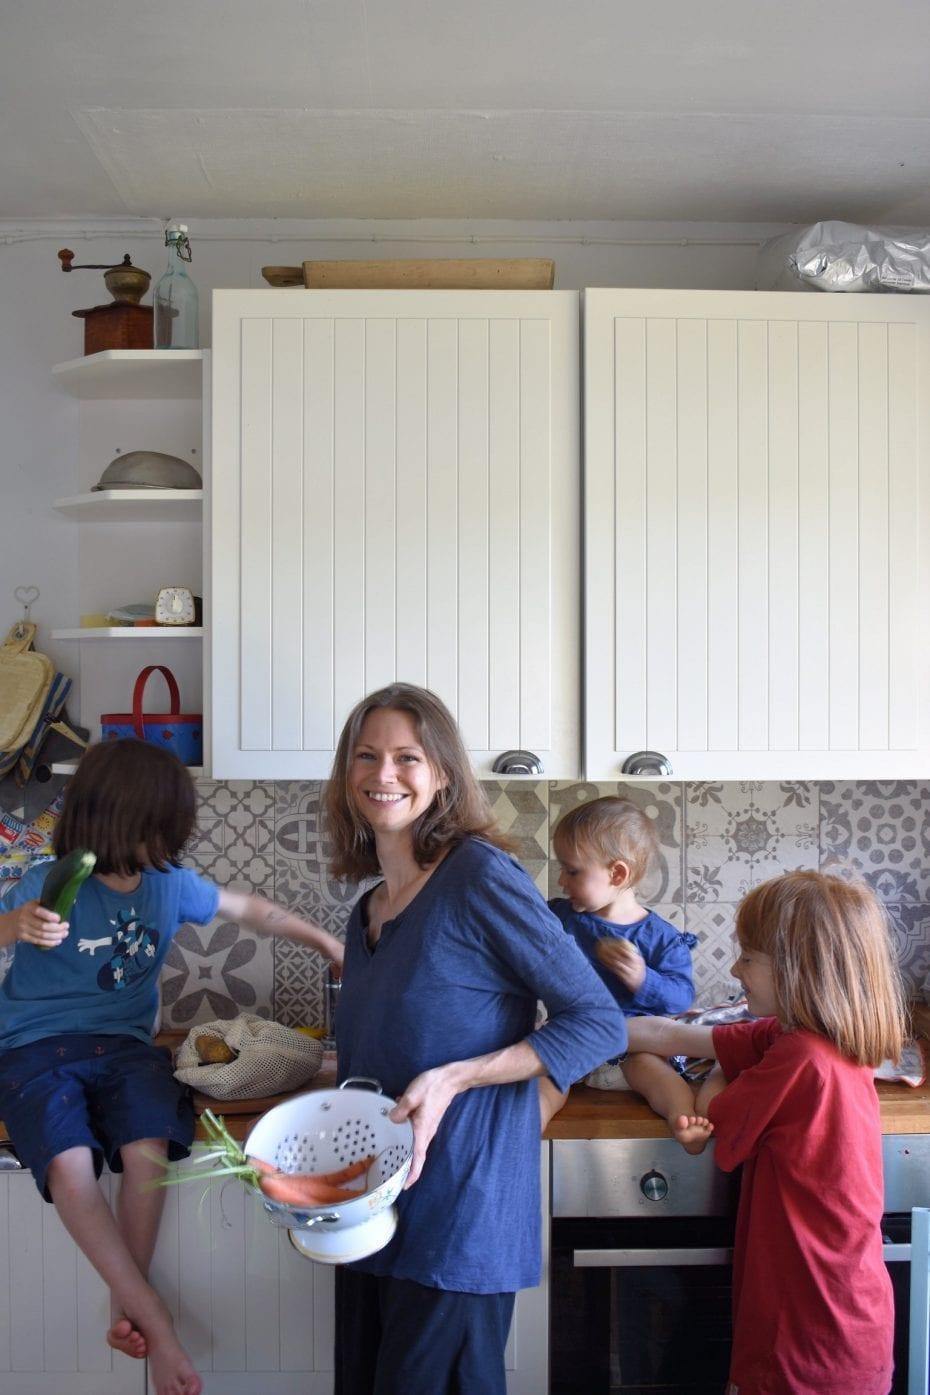 Familienleben – praktische Tipps wie berufstätige Eltern trotz wenig Zeit sich und ihre Kinder glücklich machen